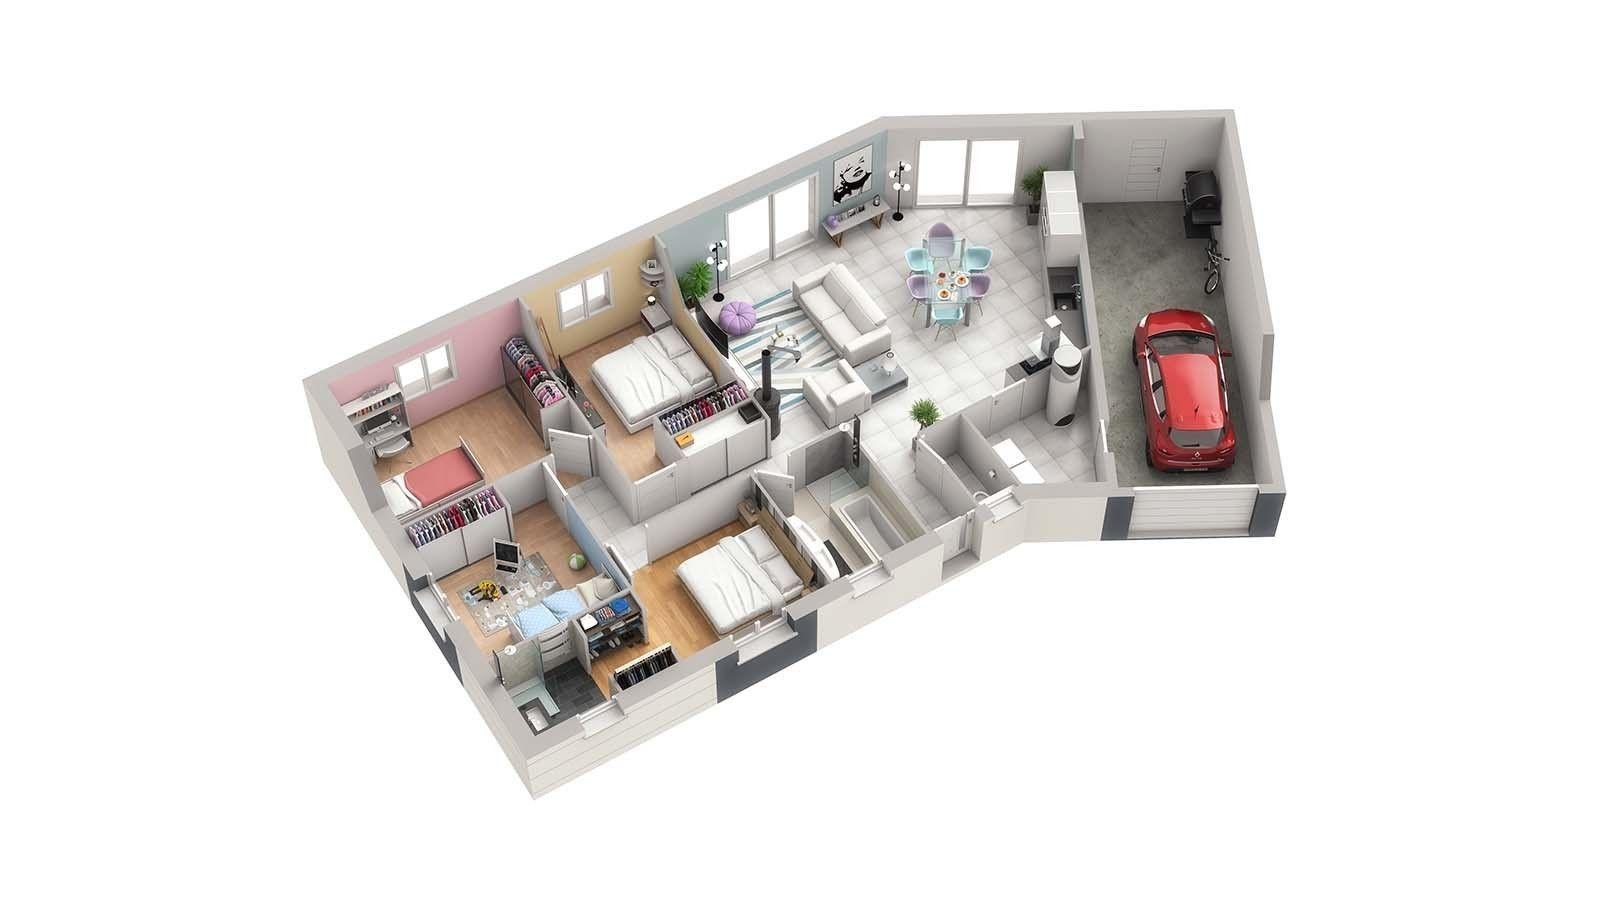 Maisons Optimal - Constructeur de maisons individuelles dans le Doubs et le Jura | Constructeur ...